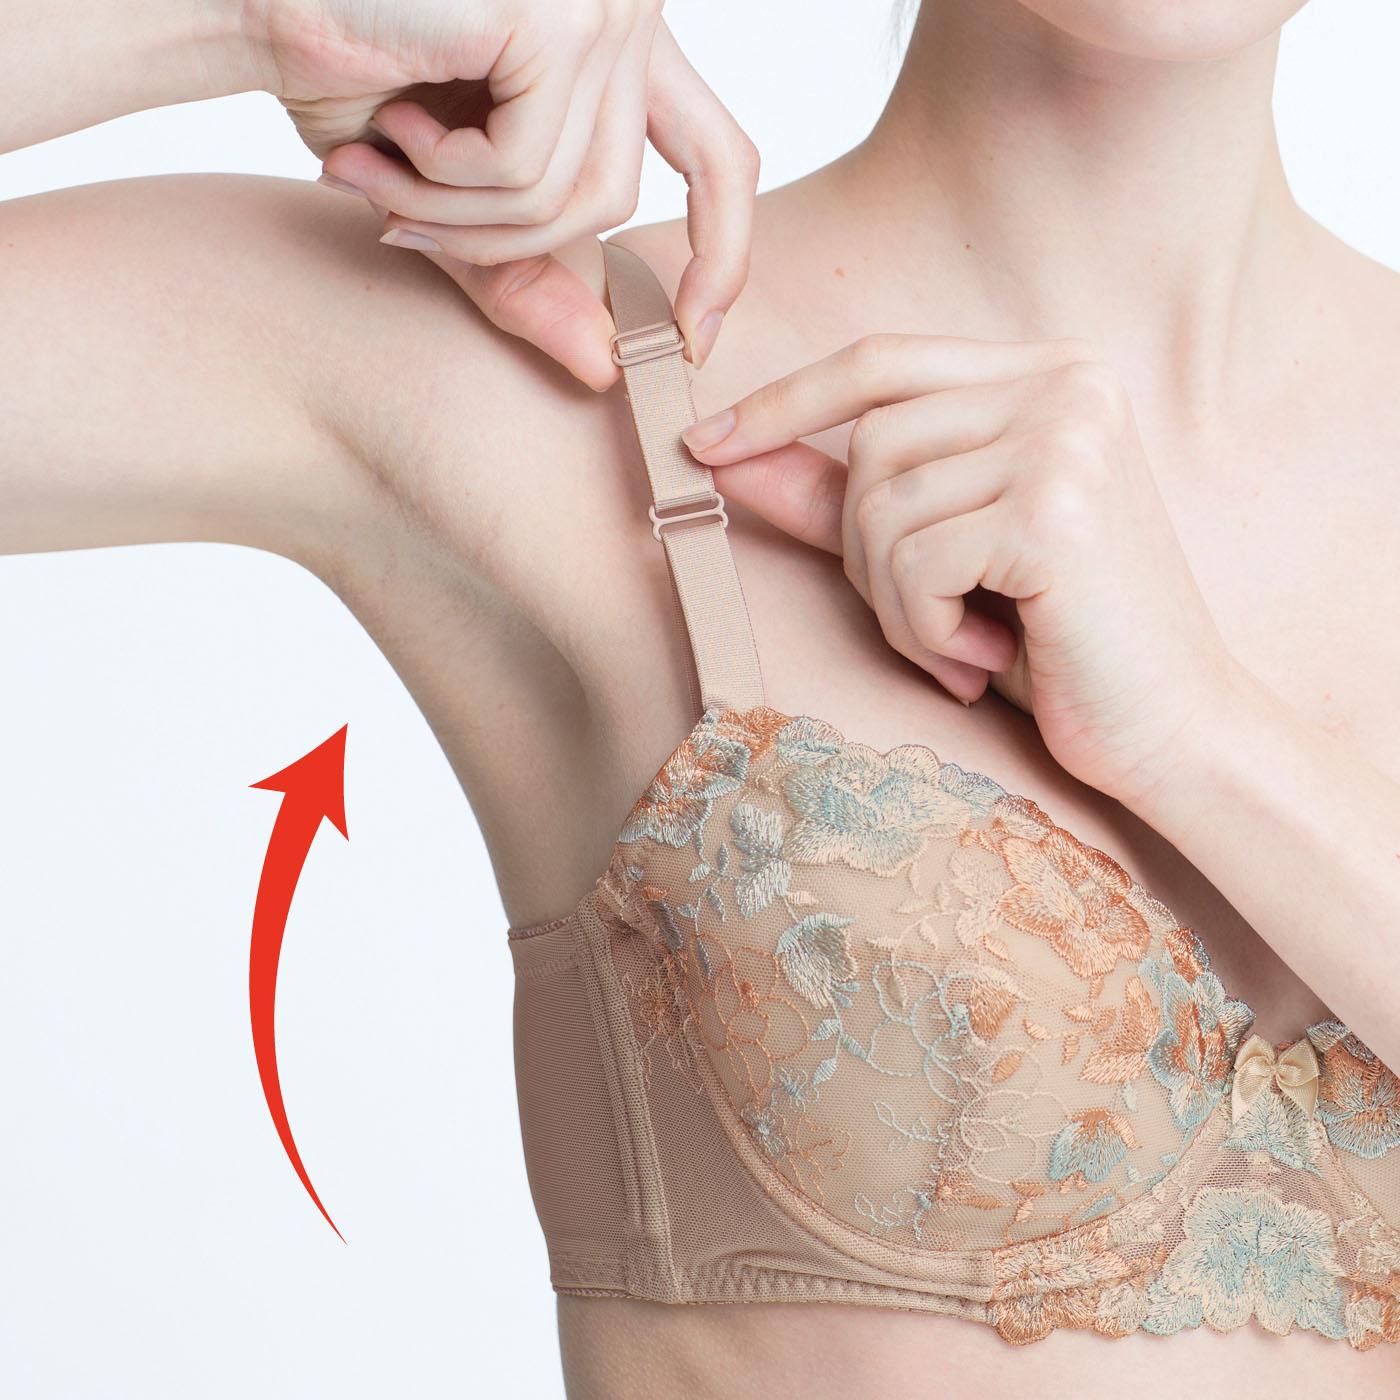 (1)2本のサイドボーンでお肉を横に逃さない。 (2)可動式パネルで動いてもずれずに高胸キープ。